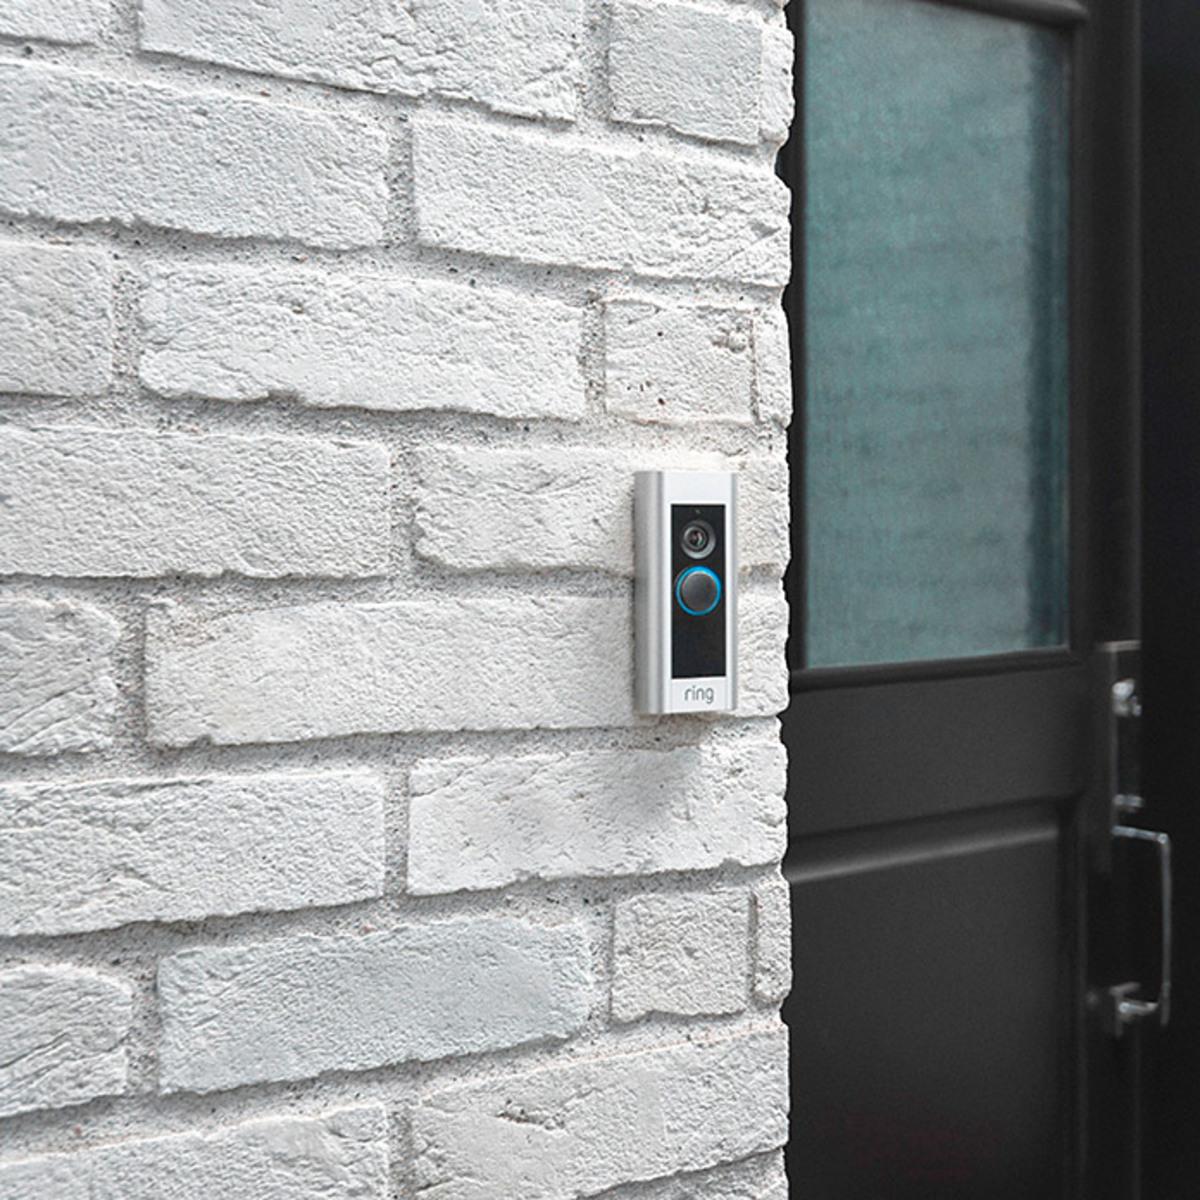 Bild 4 von Ring Funk-Video-Türsprechanlage  Video Doorbell Pro